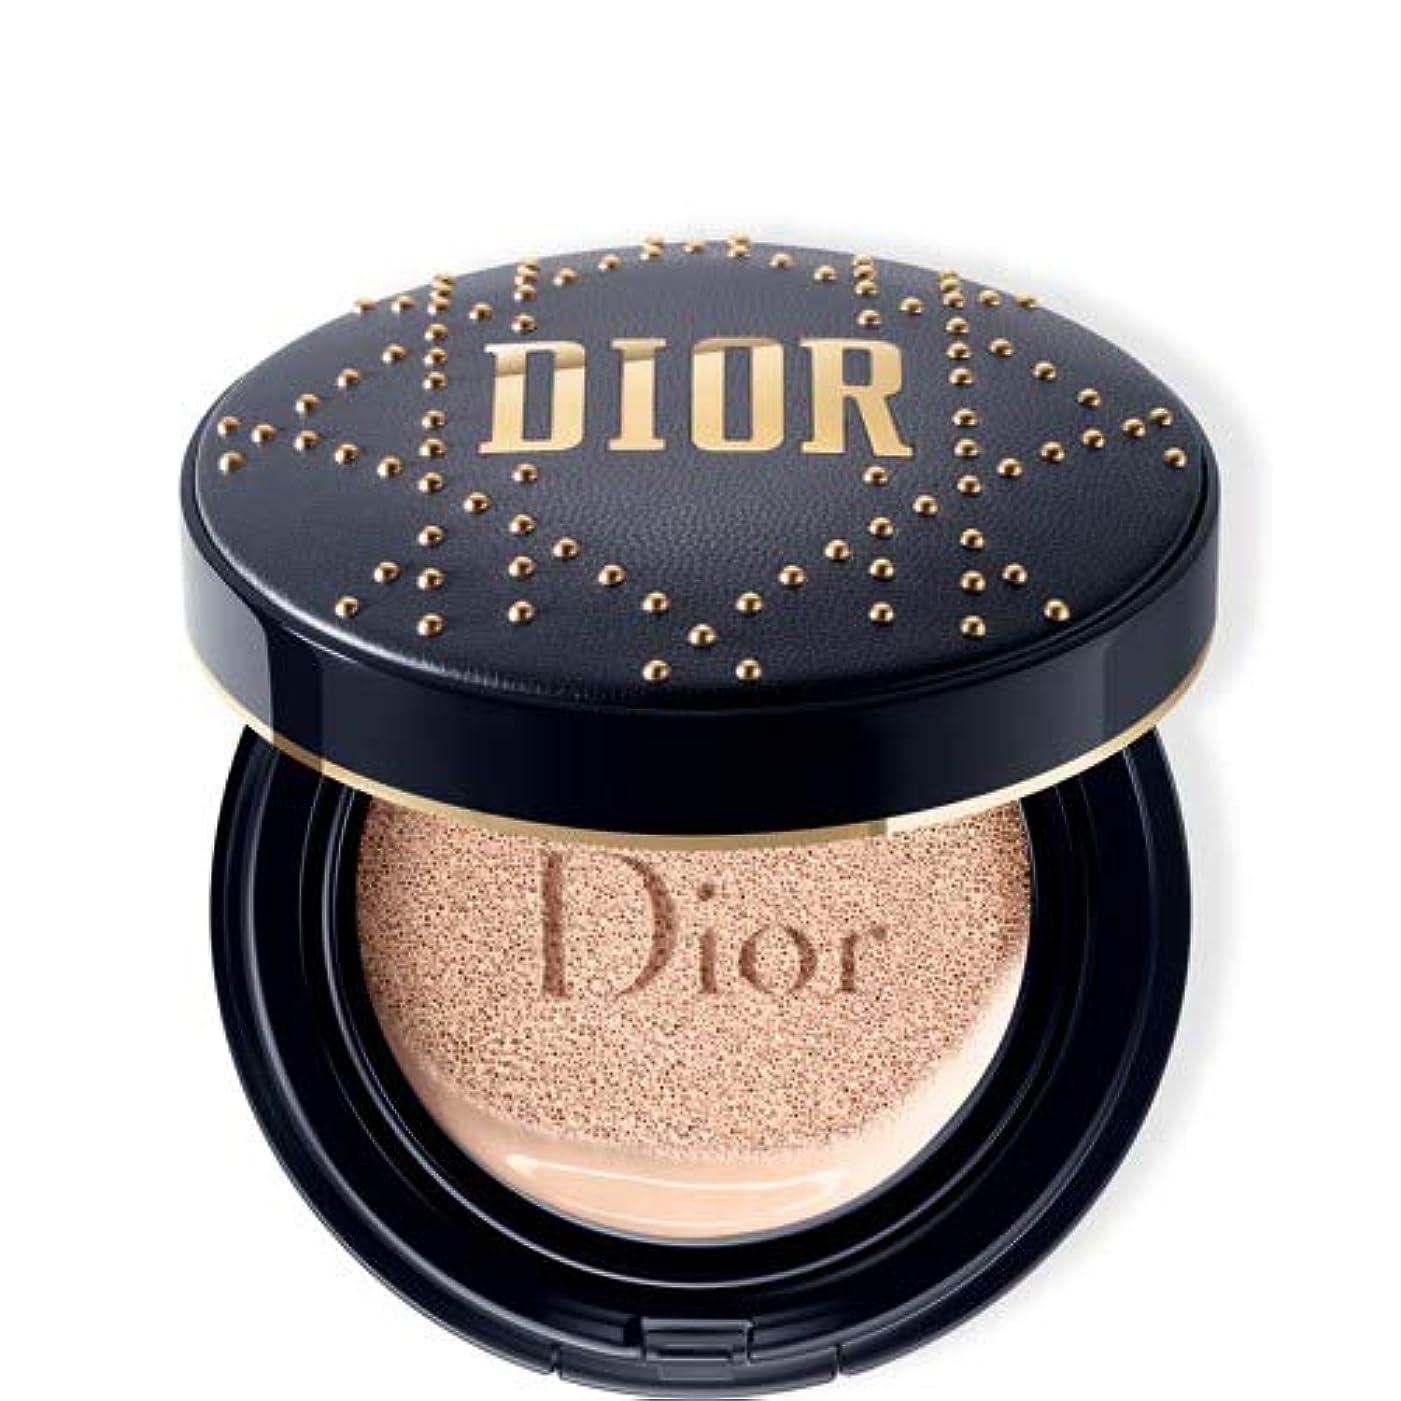 するだろう無し冒険Dior ディオールスキン フォーエヴァー クッション - 限定スタッズ カナージュ ケース #030